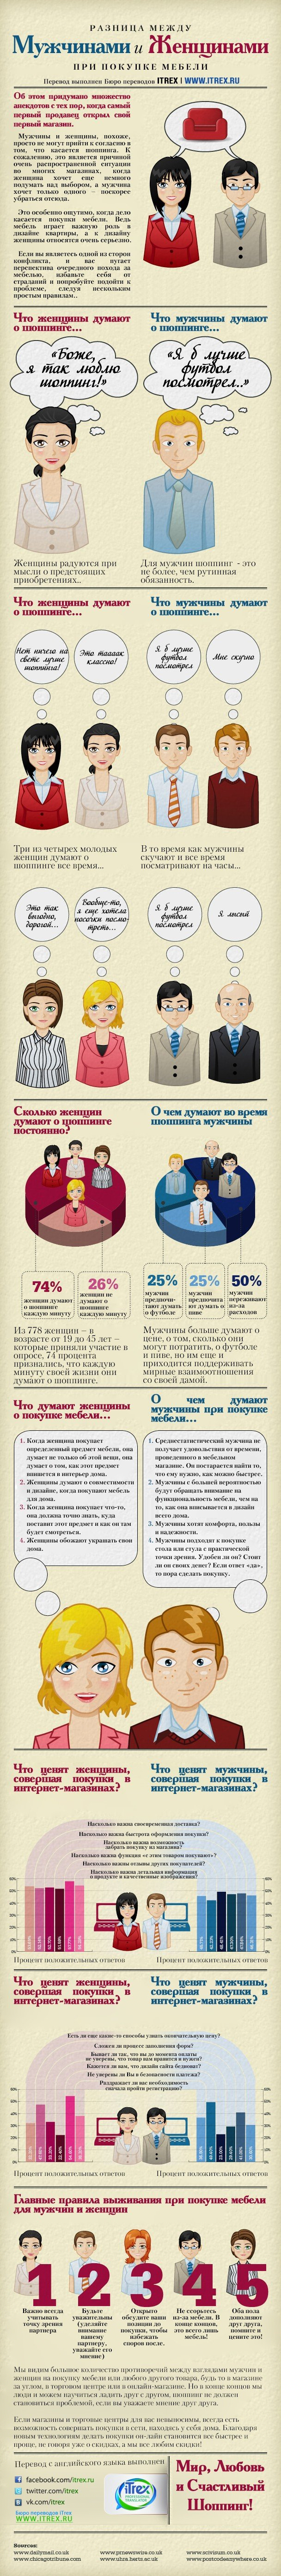 Разница между мужчинами и женщинами при покупке мебели